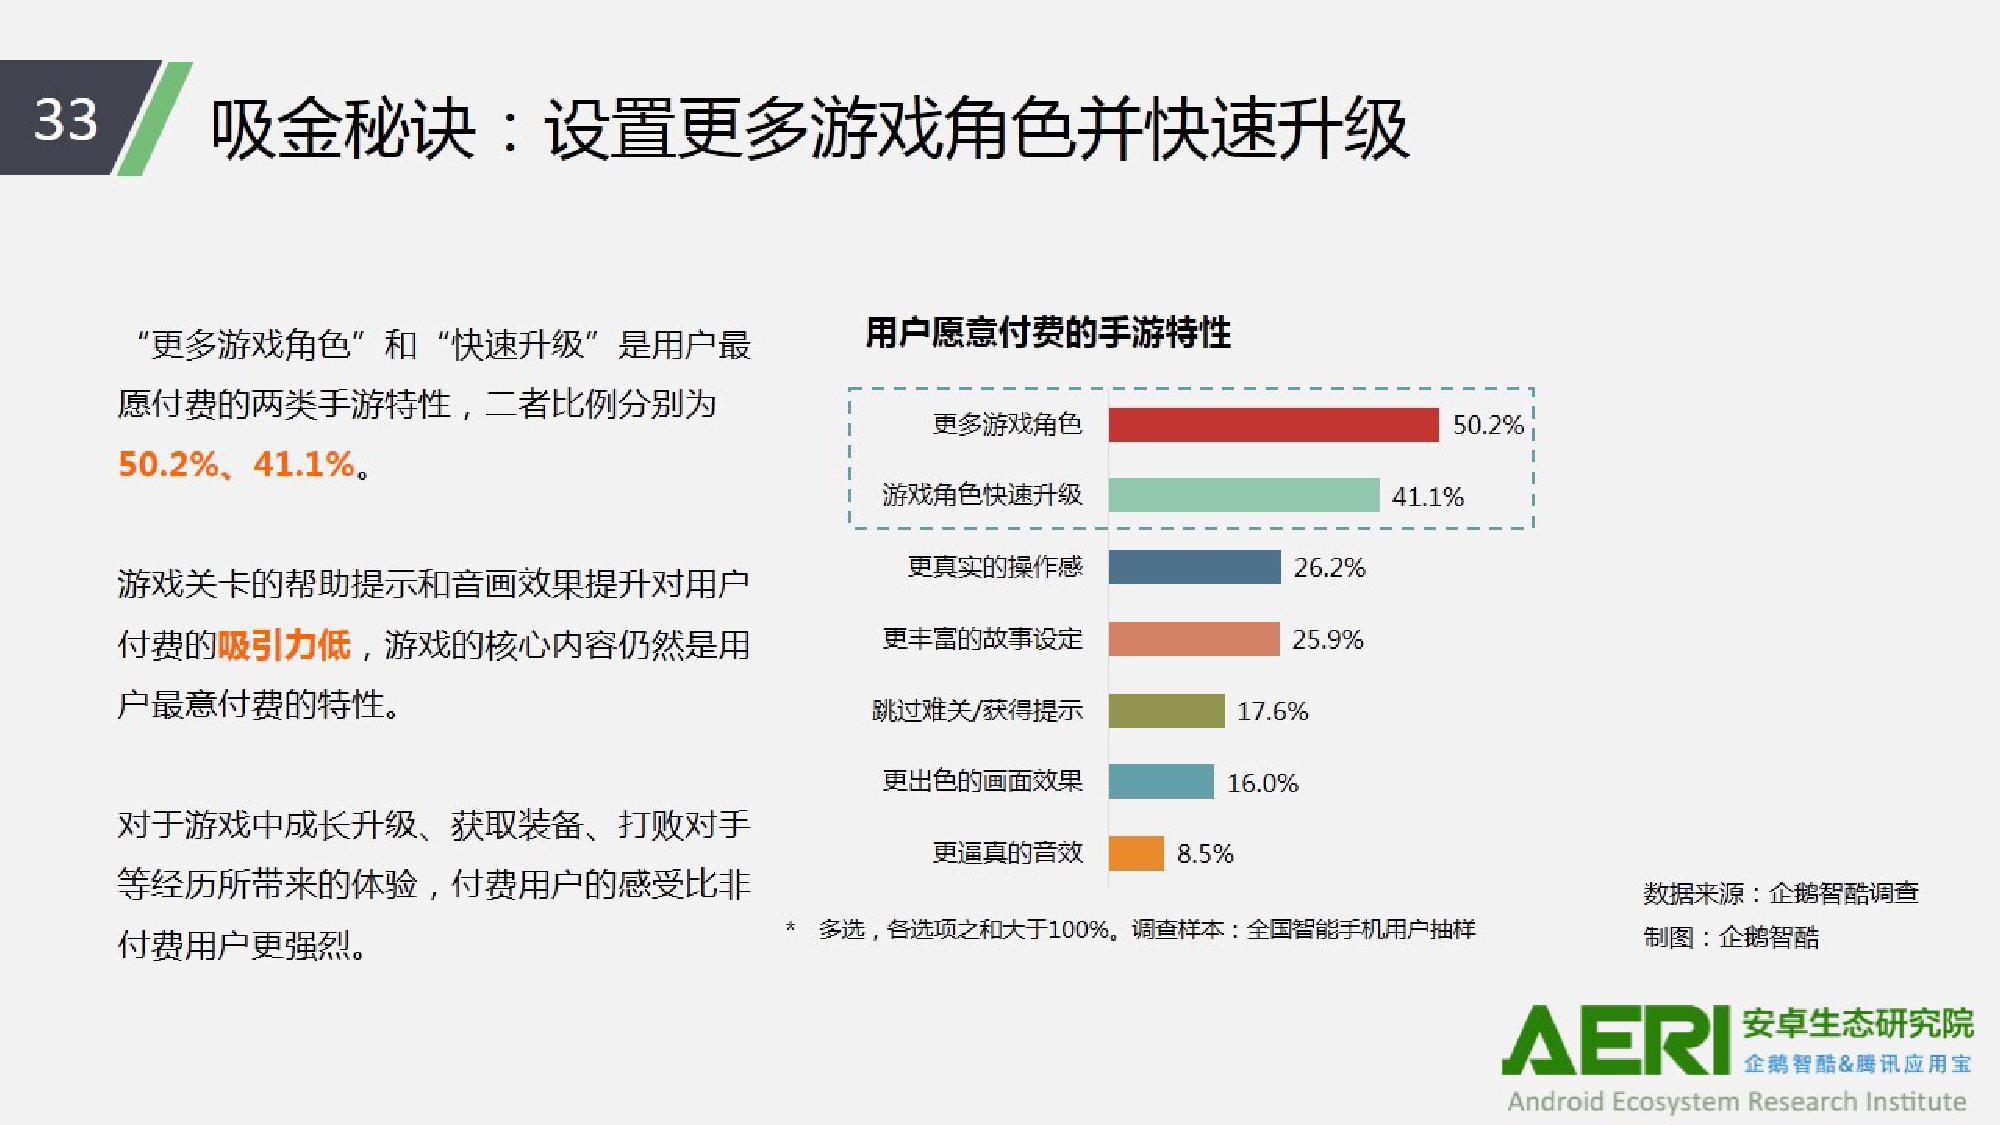 中国手游行业2016大数据报告_000034